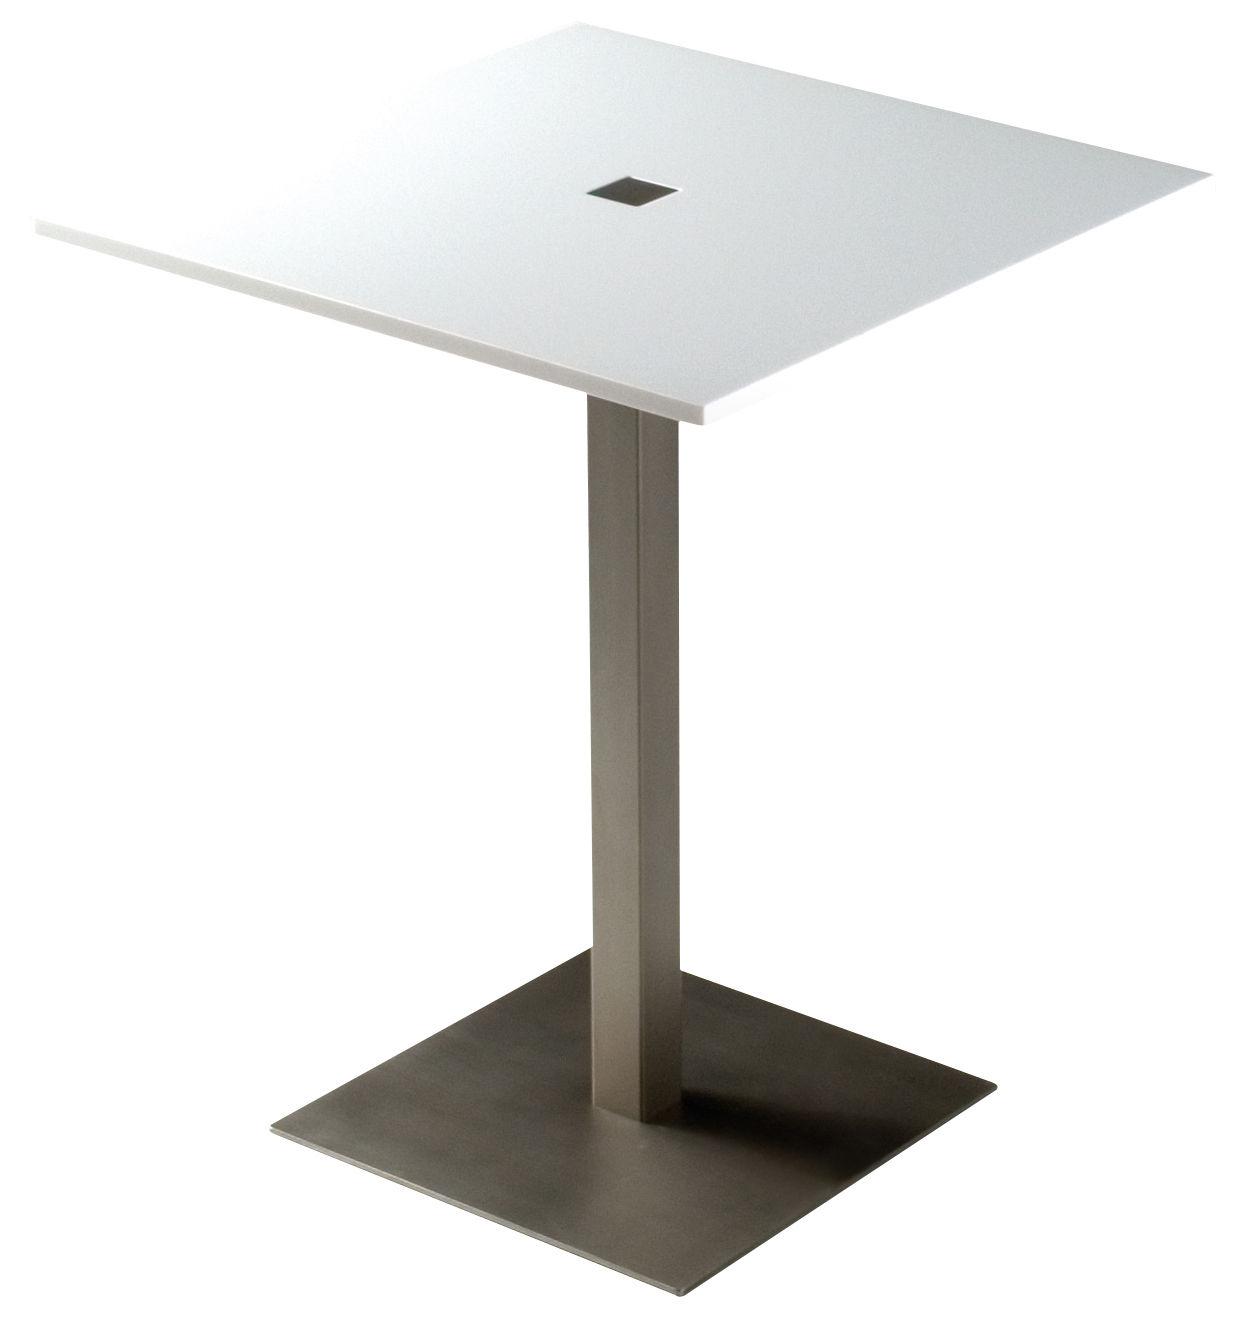 Arredamento - Tavoli - Tavolo quadrato Slam di Zeus - Bianco brillante - 74x60 cm - Acciaio sabbiato, Resina acrilica